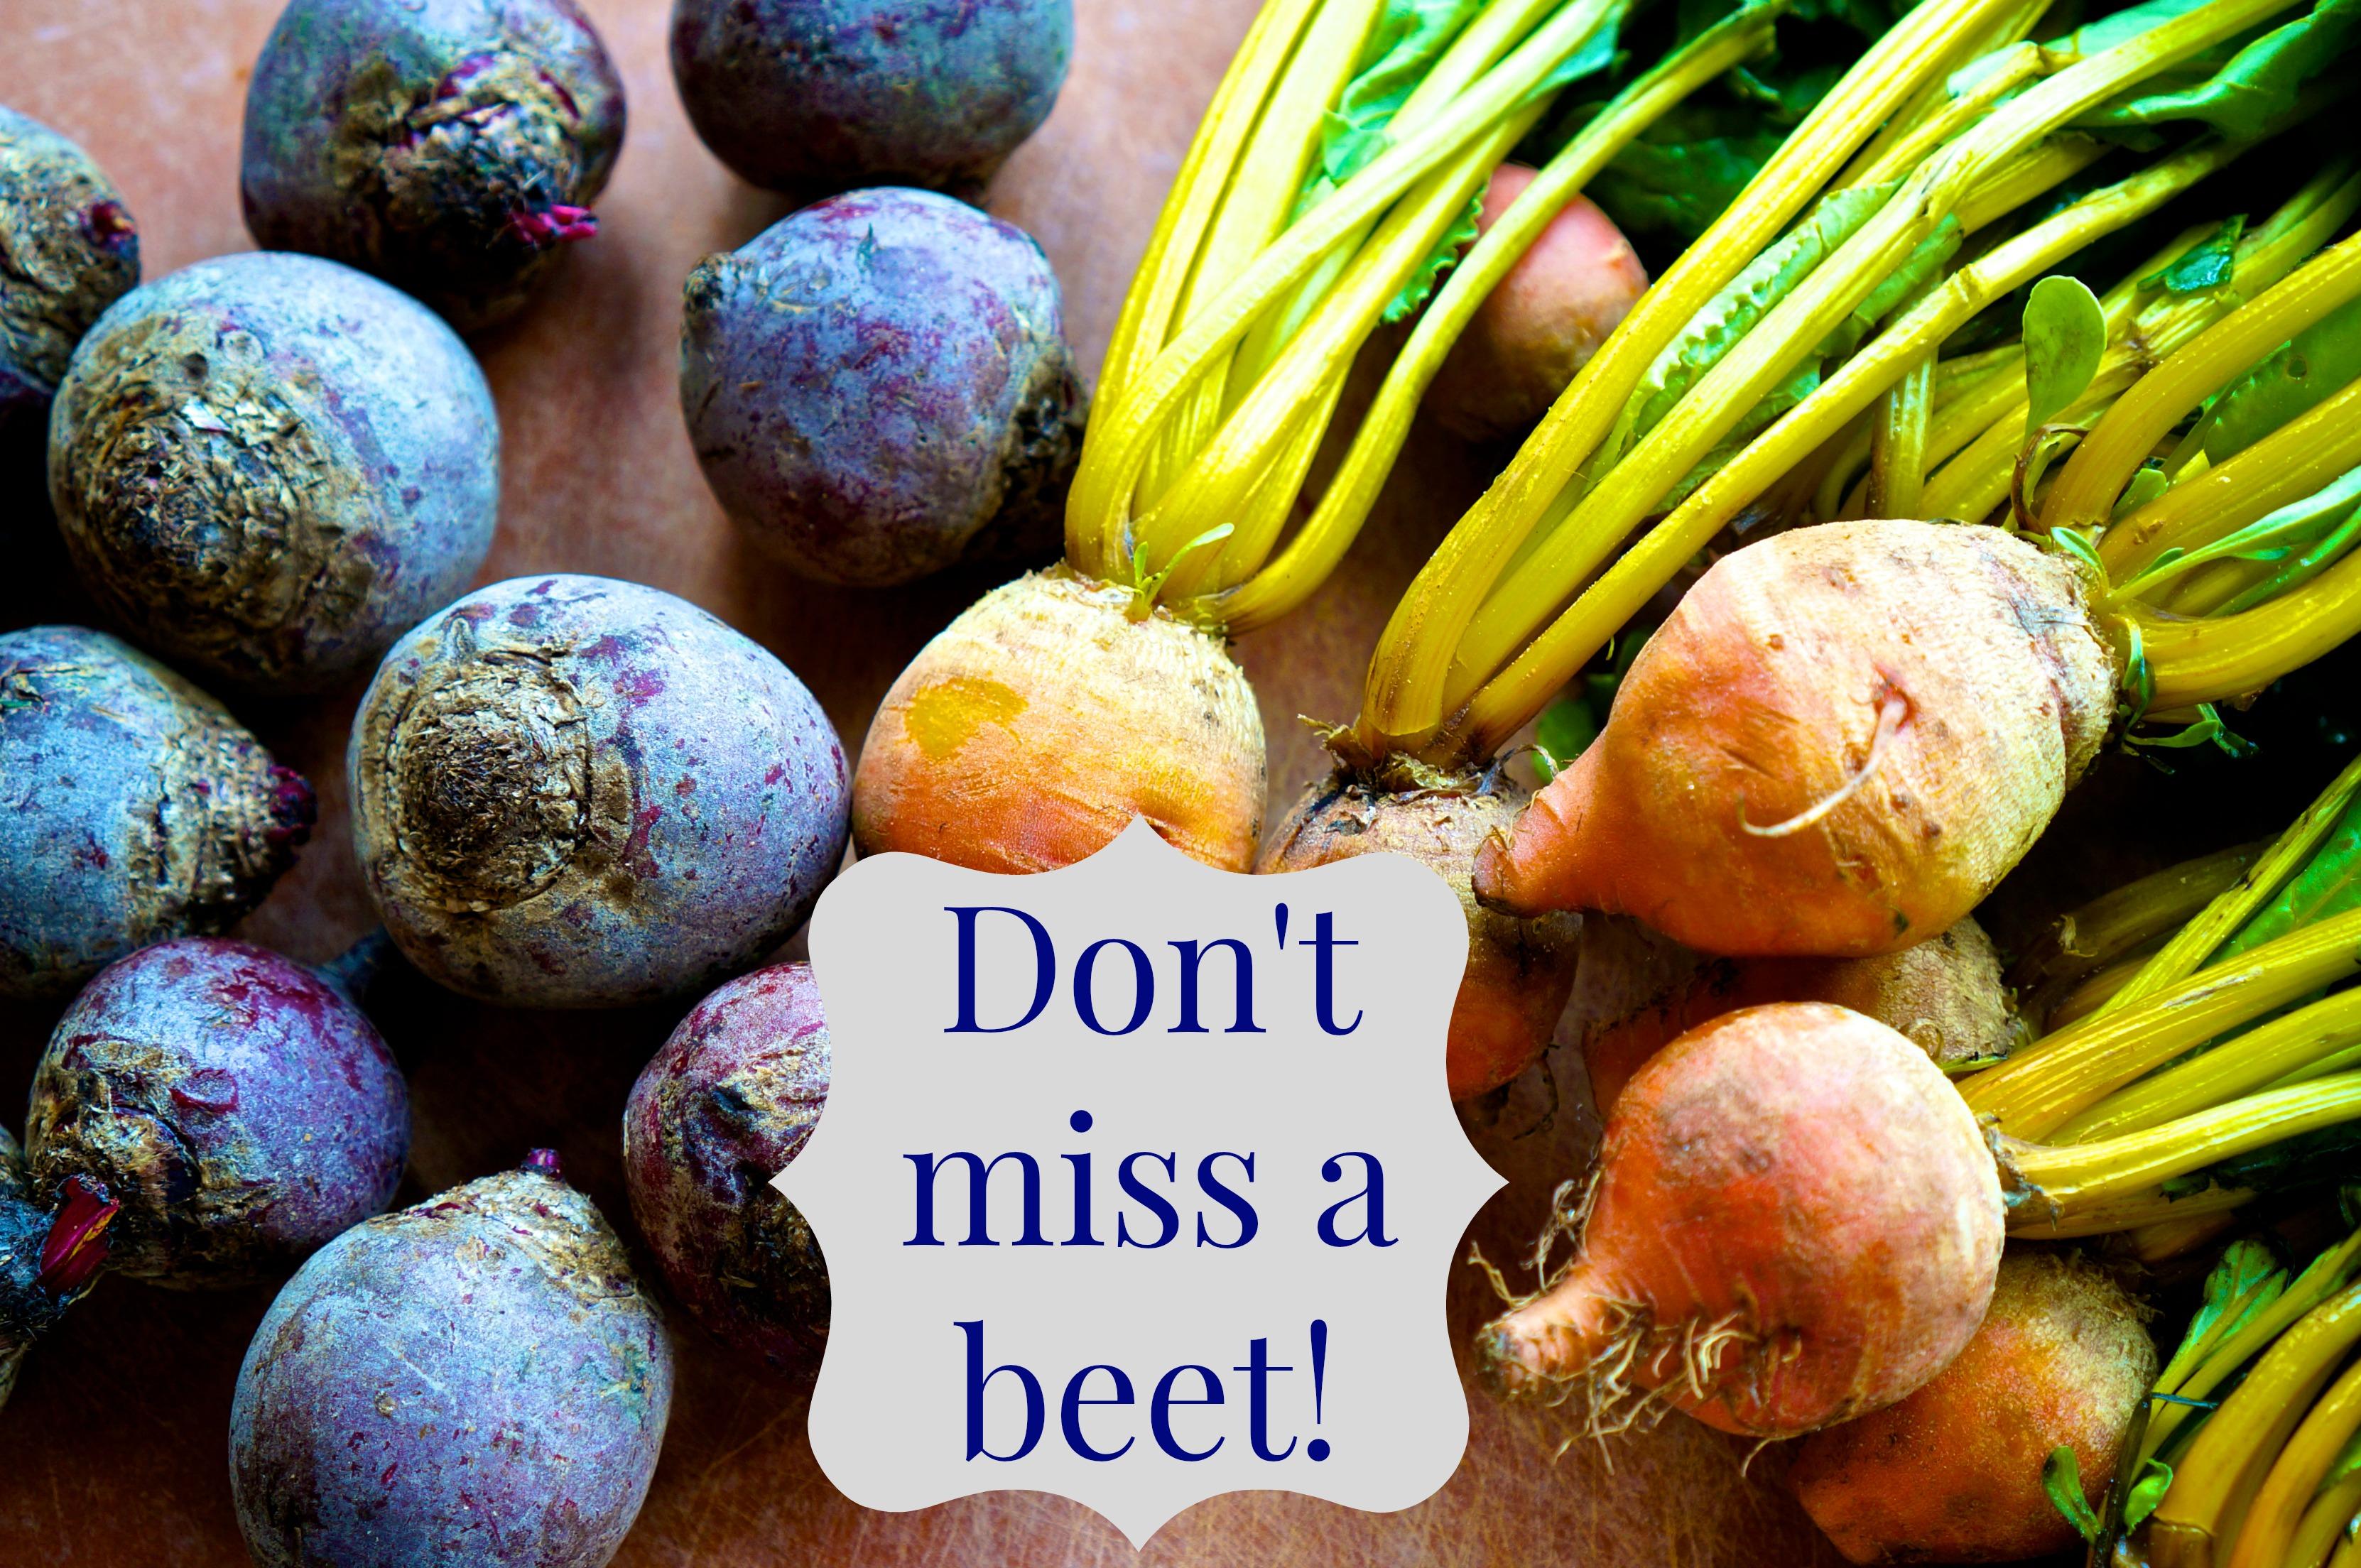 Don't Miss a Beet